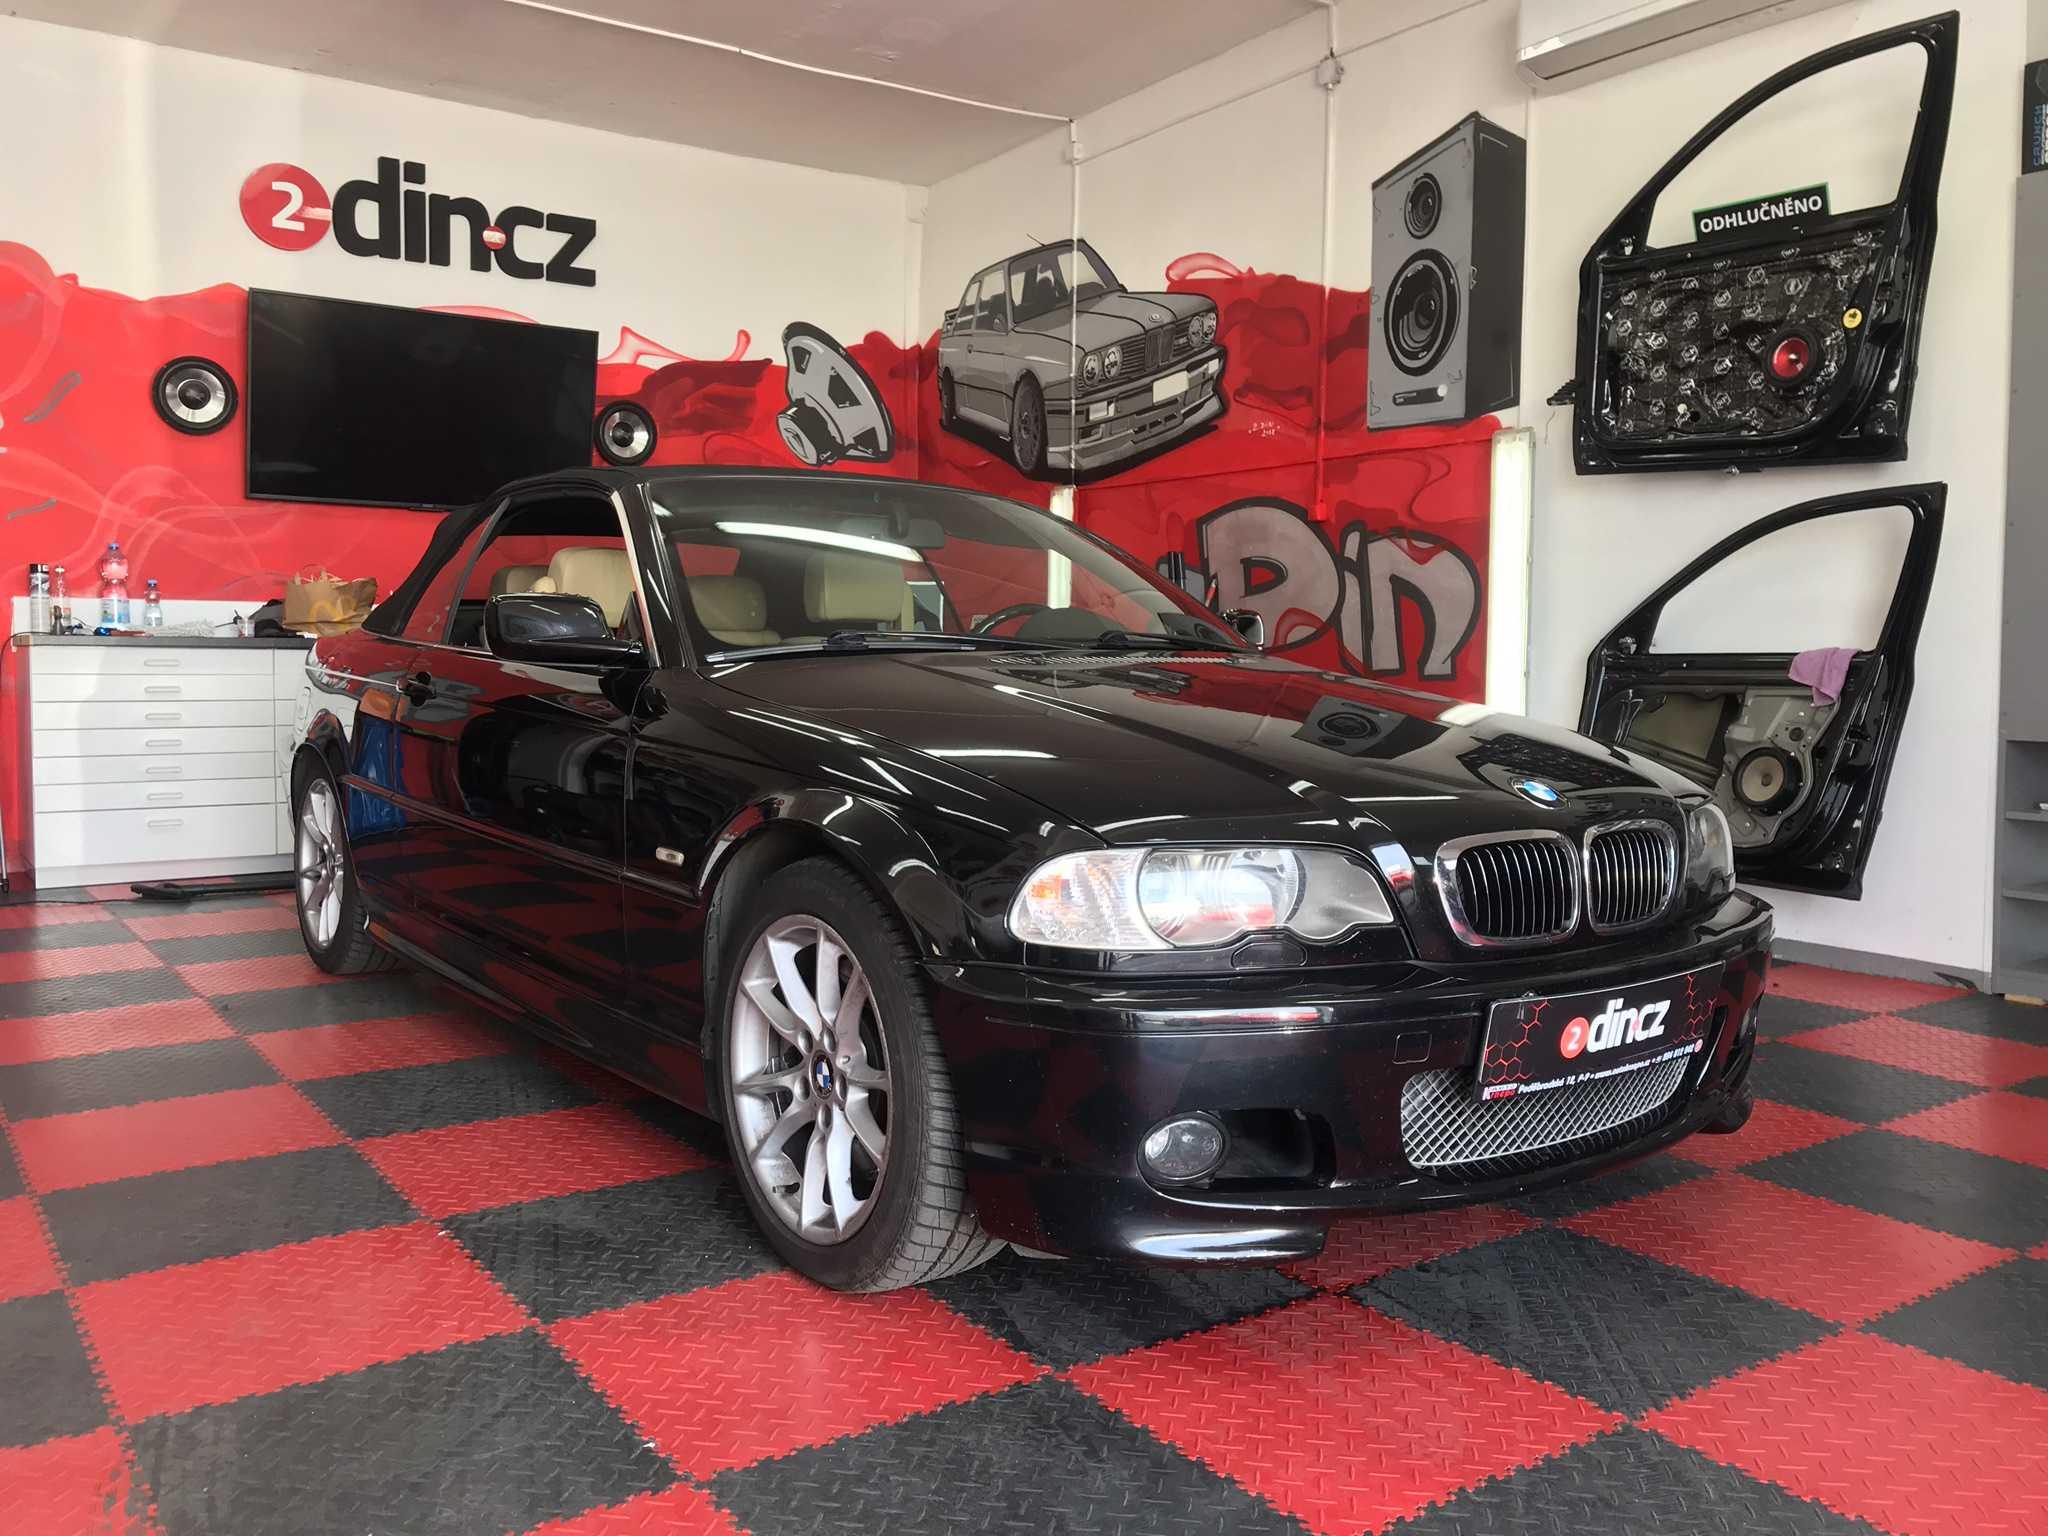 BMW e46 - Montáž speciálního autorádia